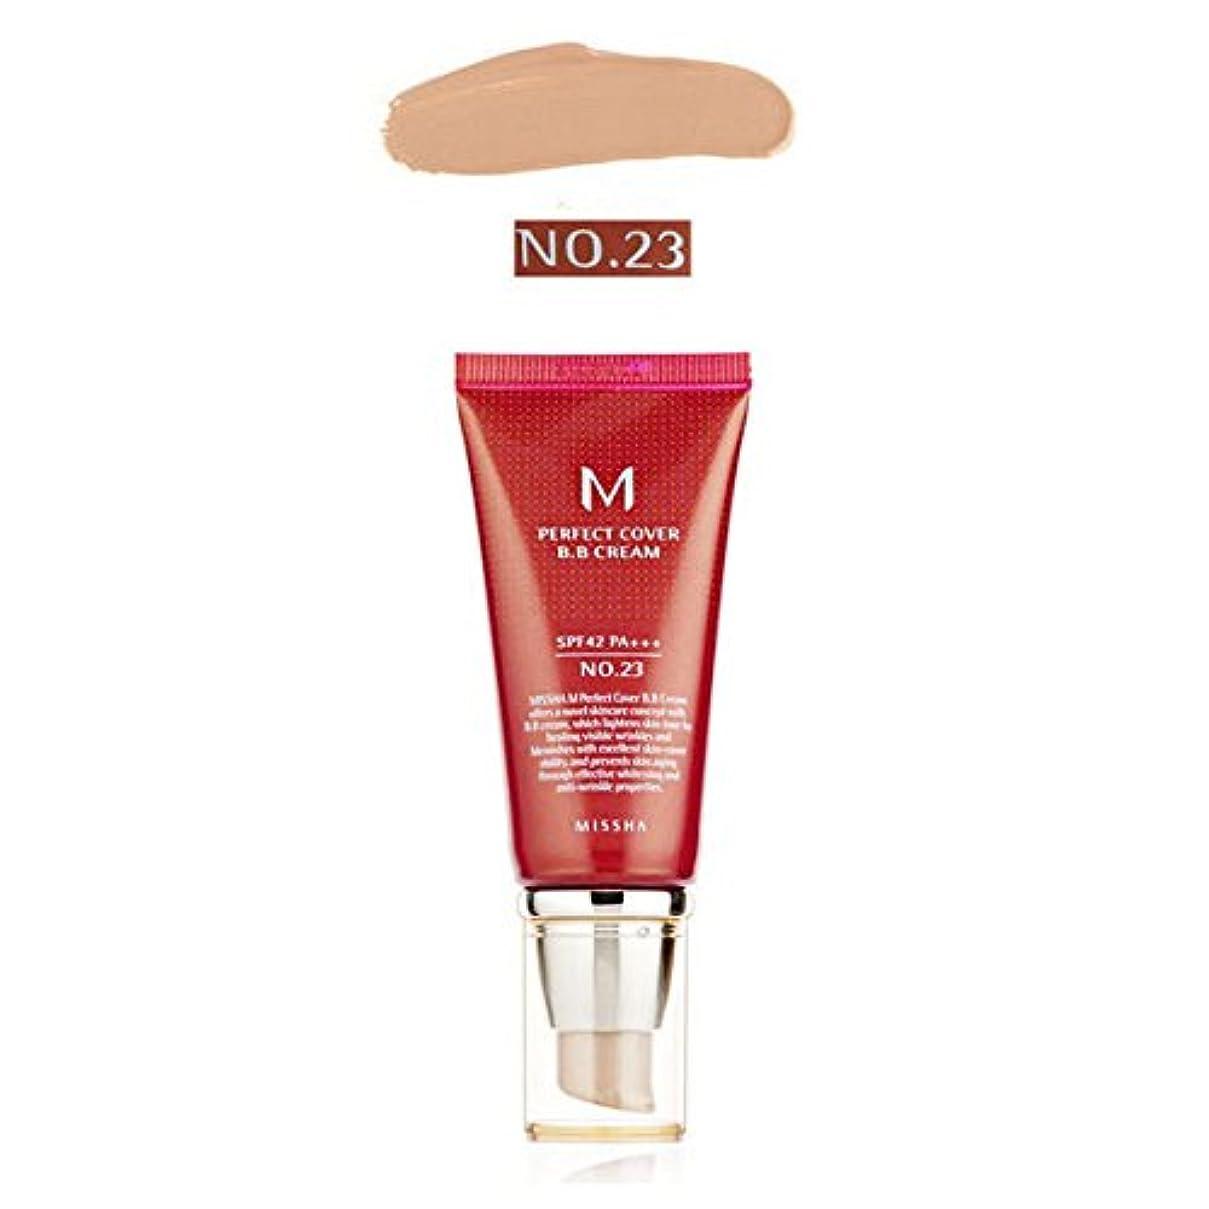 理論ロールエリート[ミシャ] MISSHA [M パーフェクト カバー BBクリーム 21号 / 23号50ml] (M Perfect Cover BB cream 21号 / 23号 50ml) SPF42 PA+++ (Type2 : No.23 Medium Beige) [並行輸入品]